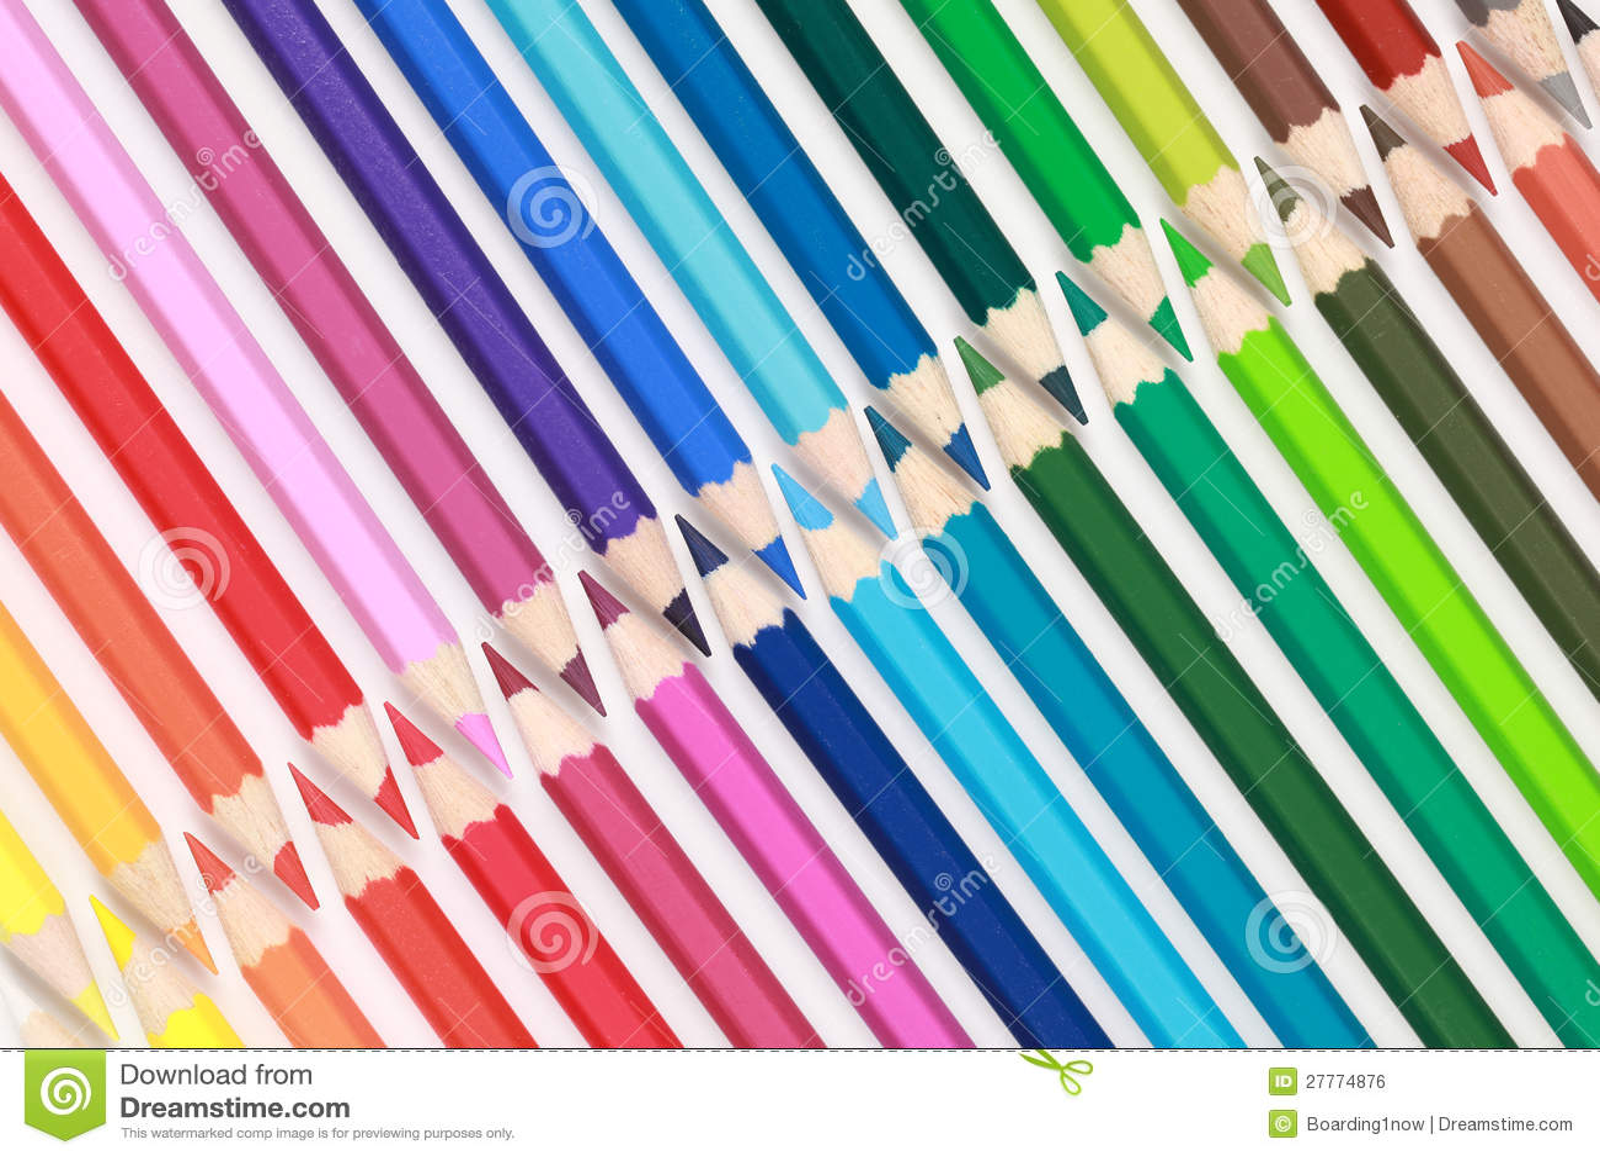 Ramassage de crayons de couleur